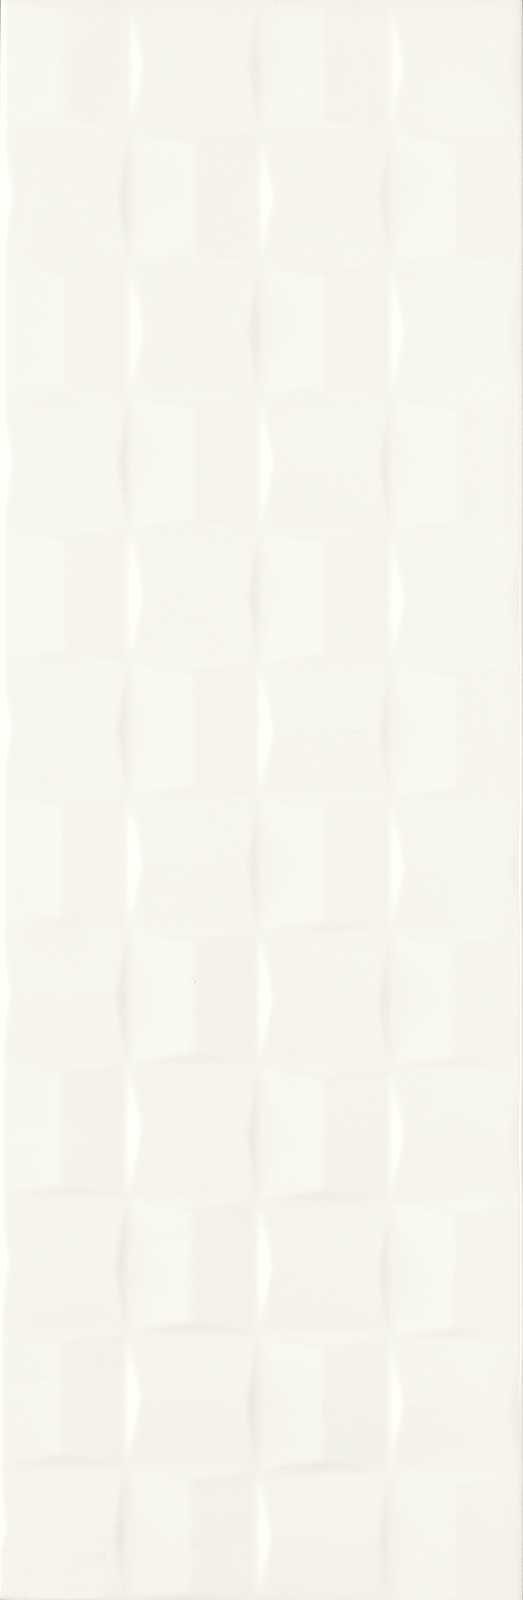 ABSOLUTE WHITE STRUTTURA CUBE 3D SATINATO 250X760  - (Euro/Mq 25,62)